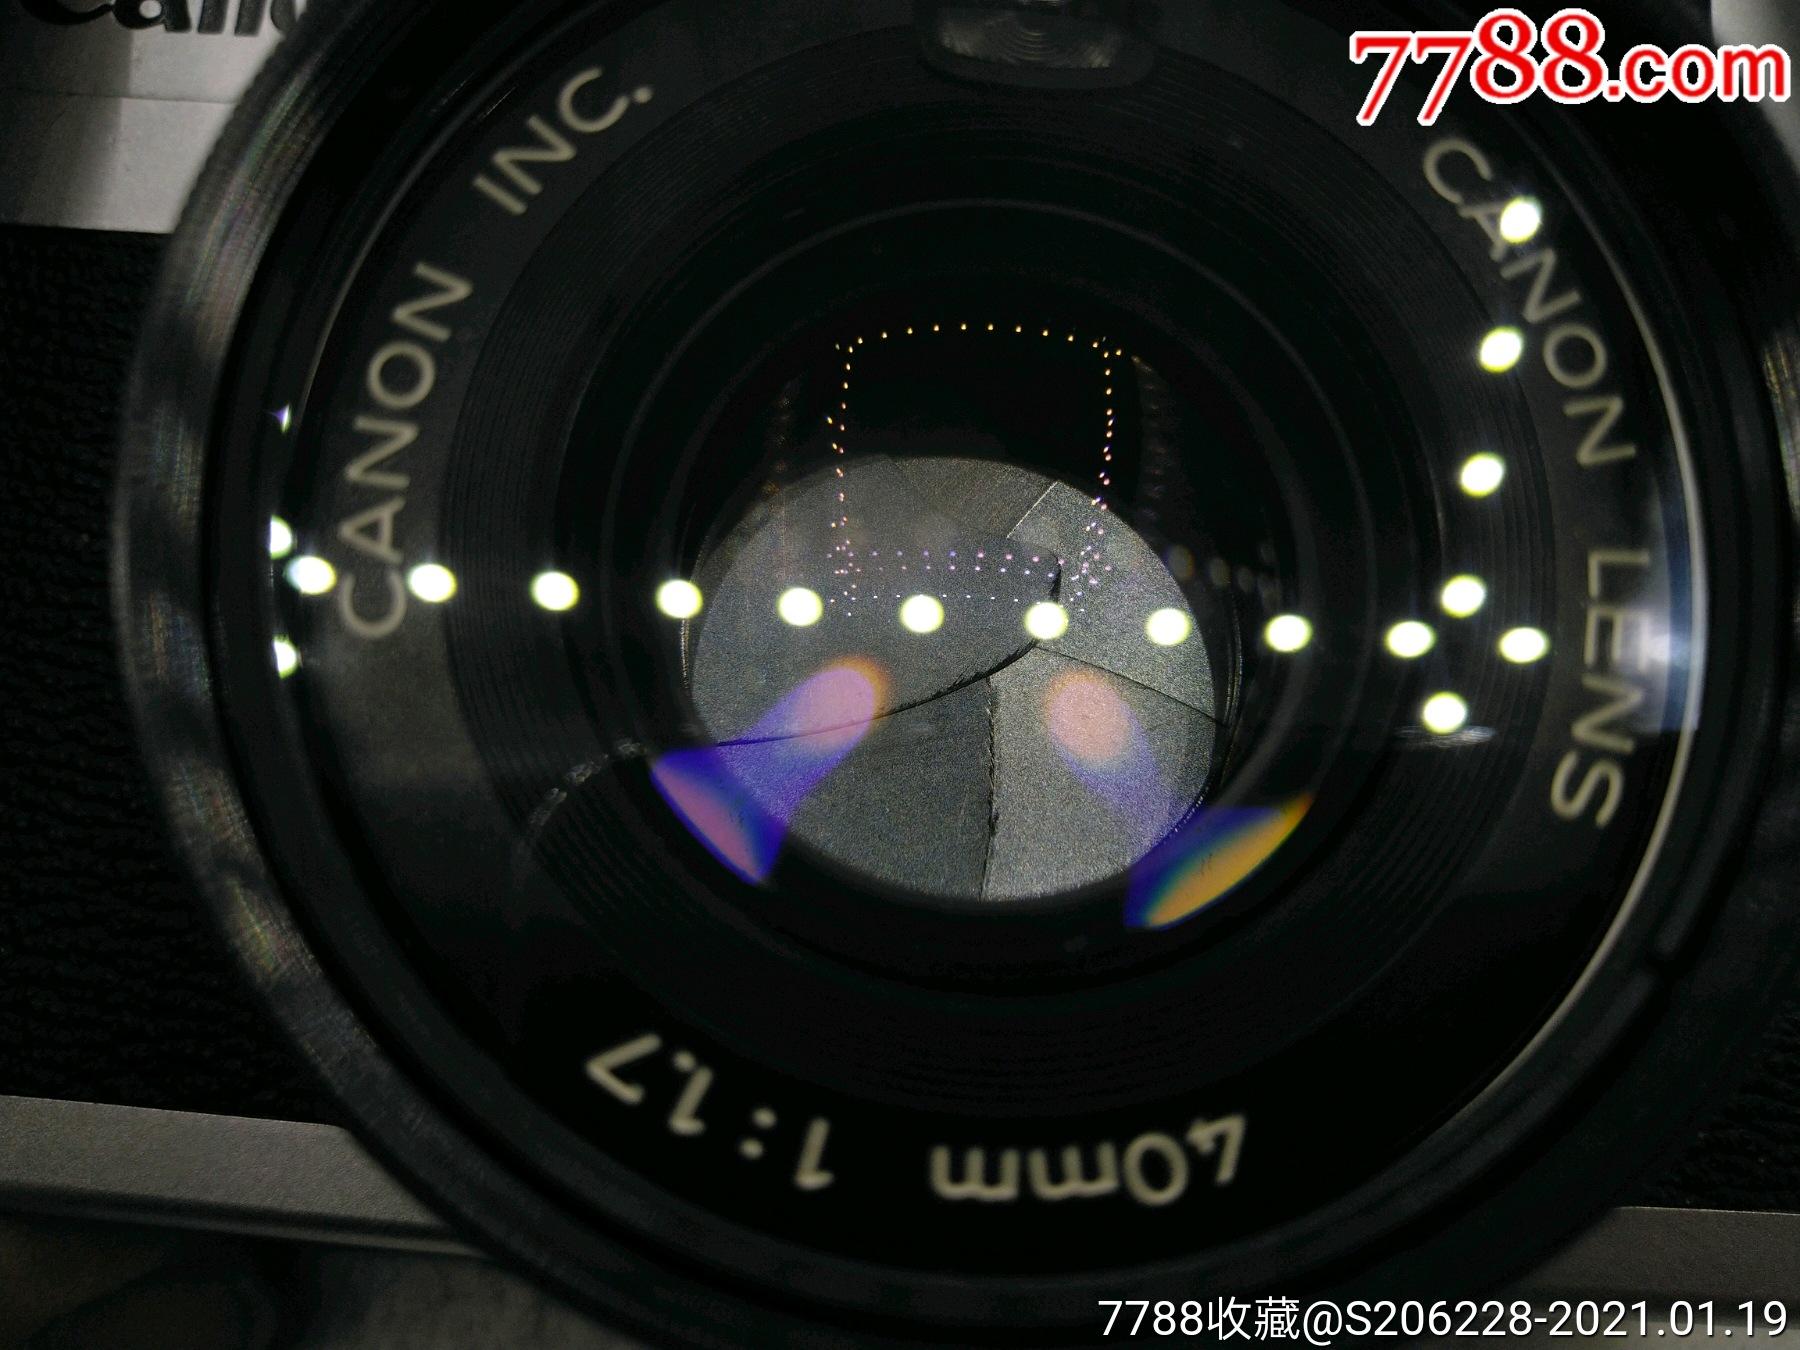 229★Canon_Canonet-QL17旁軸相機/機身編號:643049_價格260元_第9張_